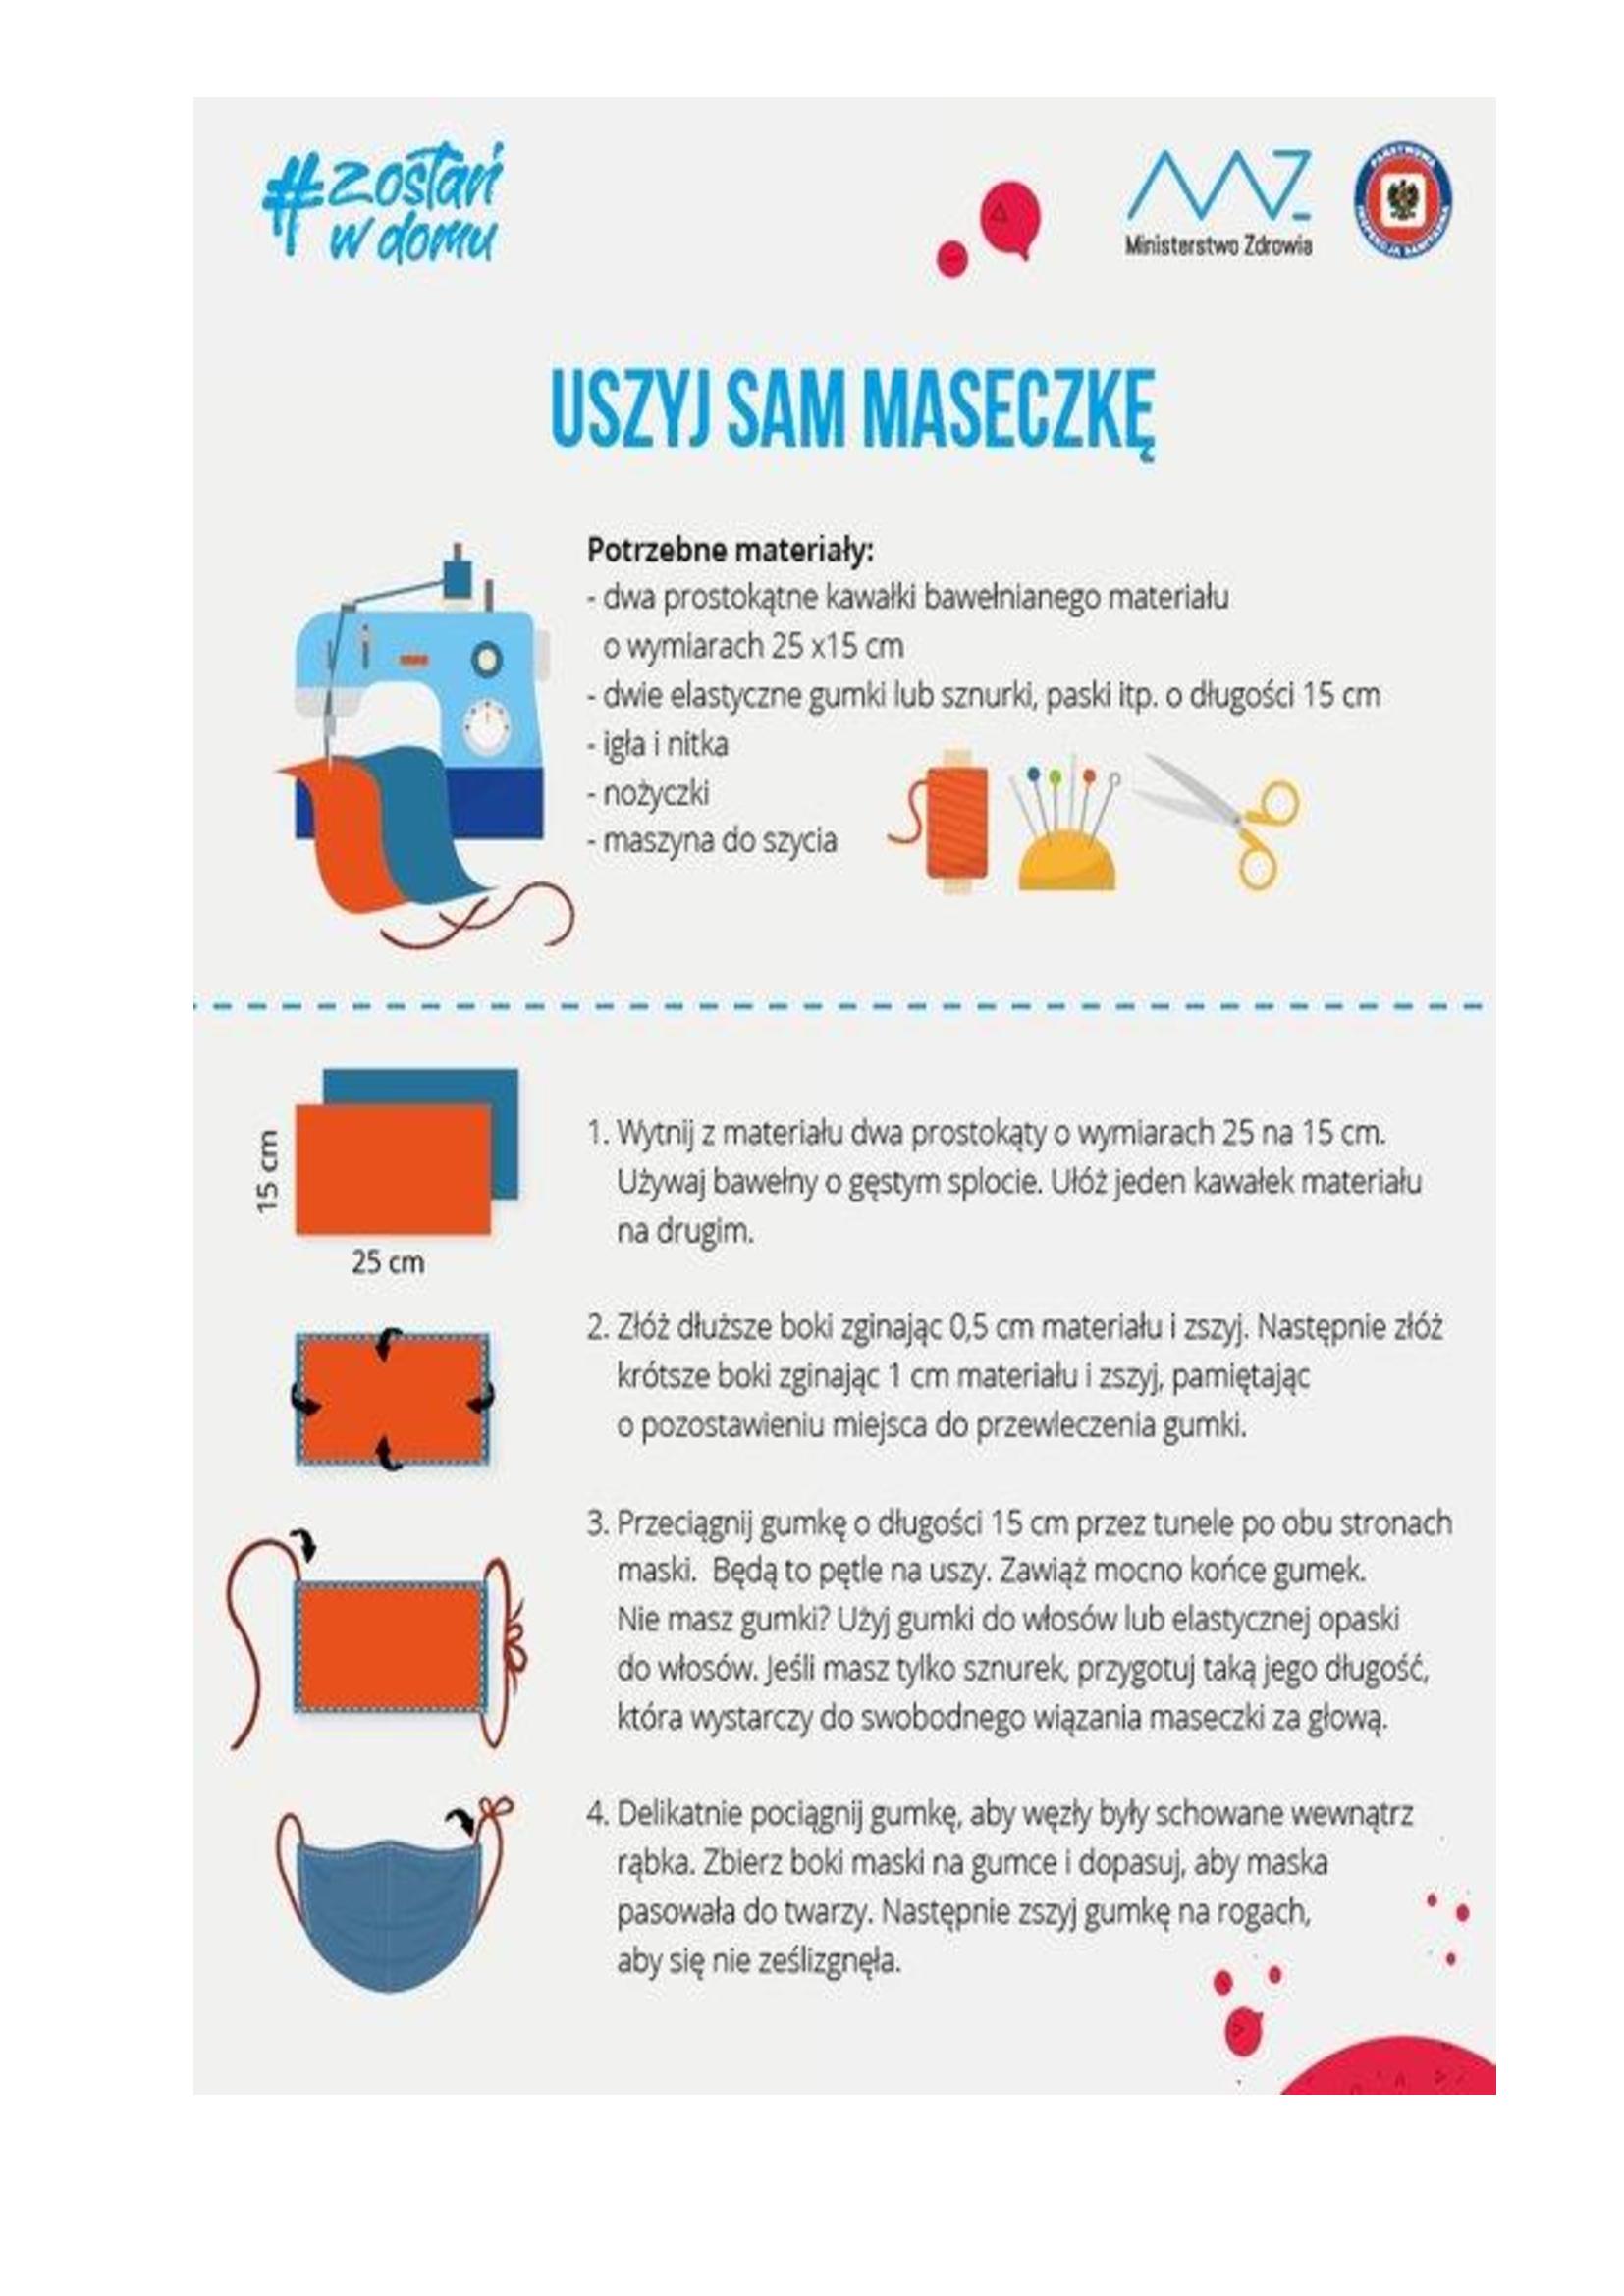 Ministerstwo_Zdrowia_radzi_jak_samodzielnie_uszyc_maseczke1.jpg